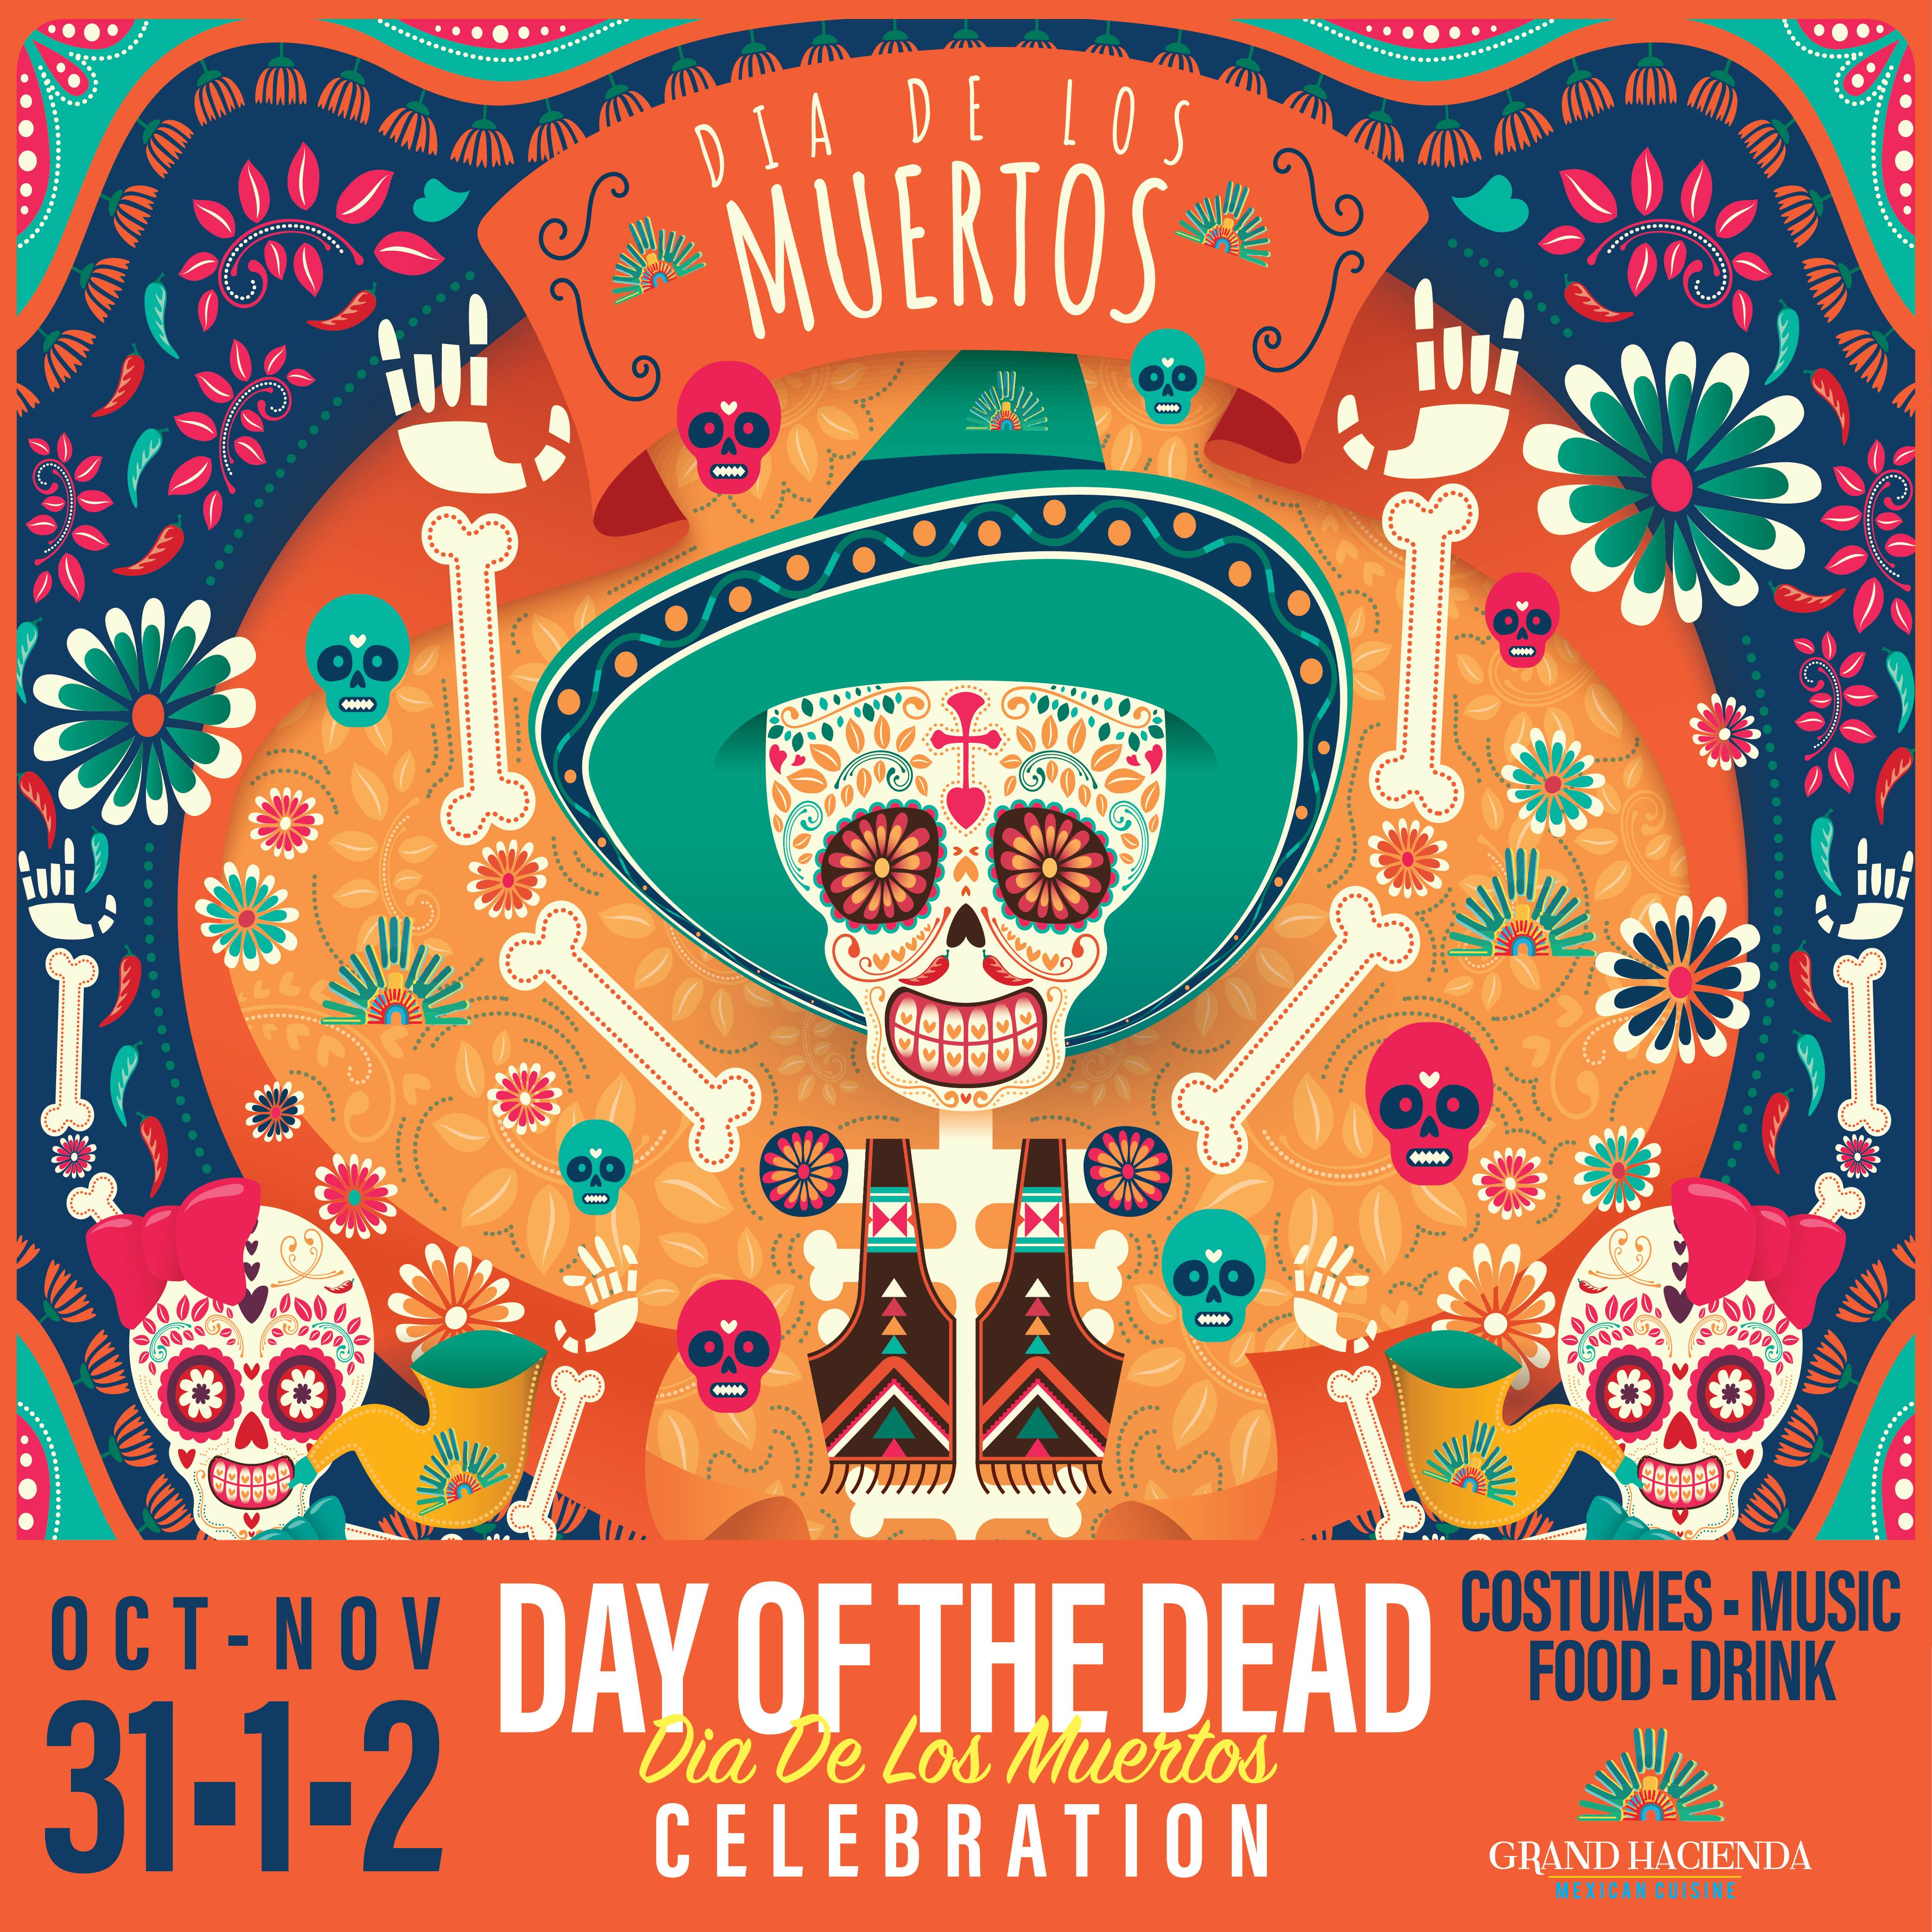 Let's Celebrate Dia De Los Muertos!